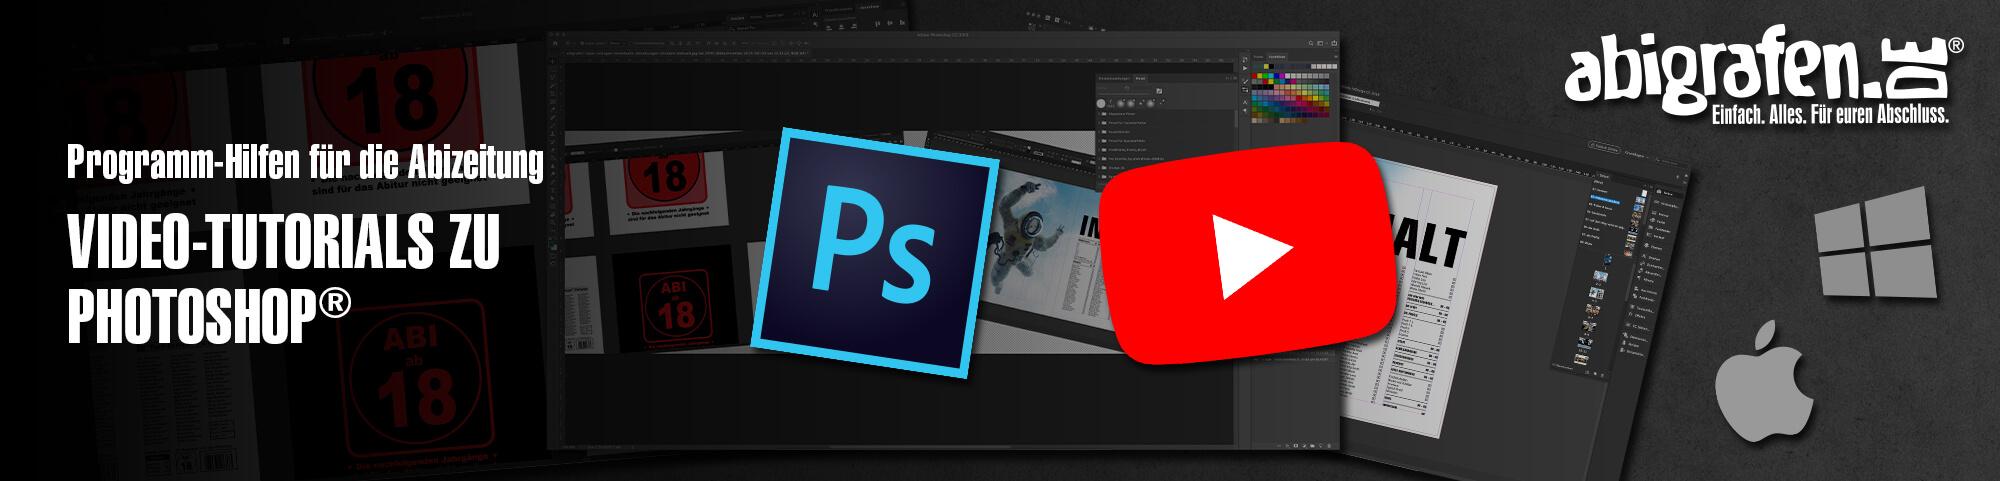 Programmhilfen für die Abizeitung: Video-Tutorials und Anleitungen zu Photoshop für die Erstellung eines Abibuchs / einer Abizeitung auf abigrafen.de®